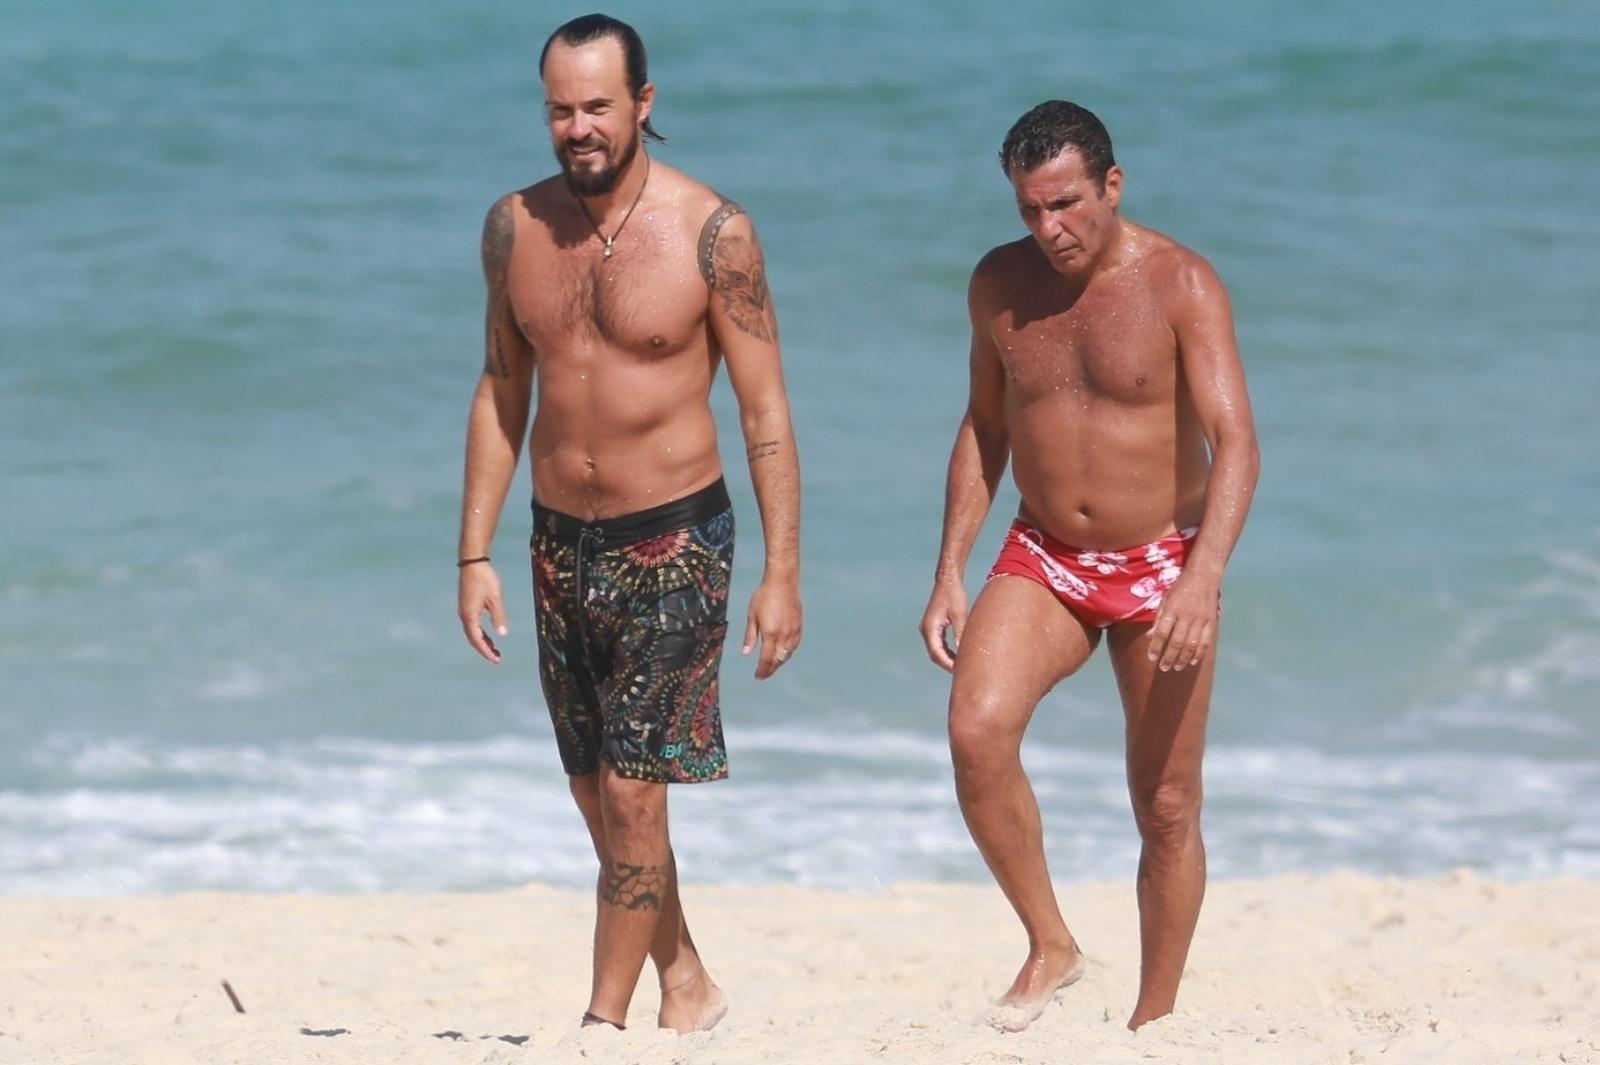 5.mai.2014 - Paulinho Vilhena e Eri Johnson curtem banho de mar na praia Recreio dos Bandeirantes,no Rio de Janeiro